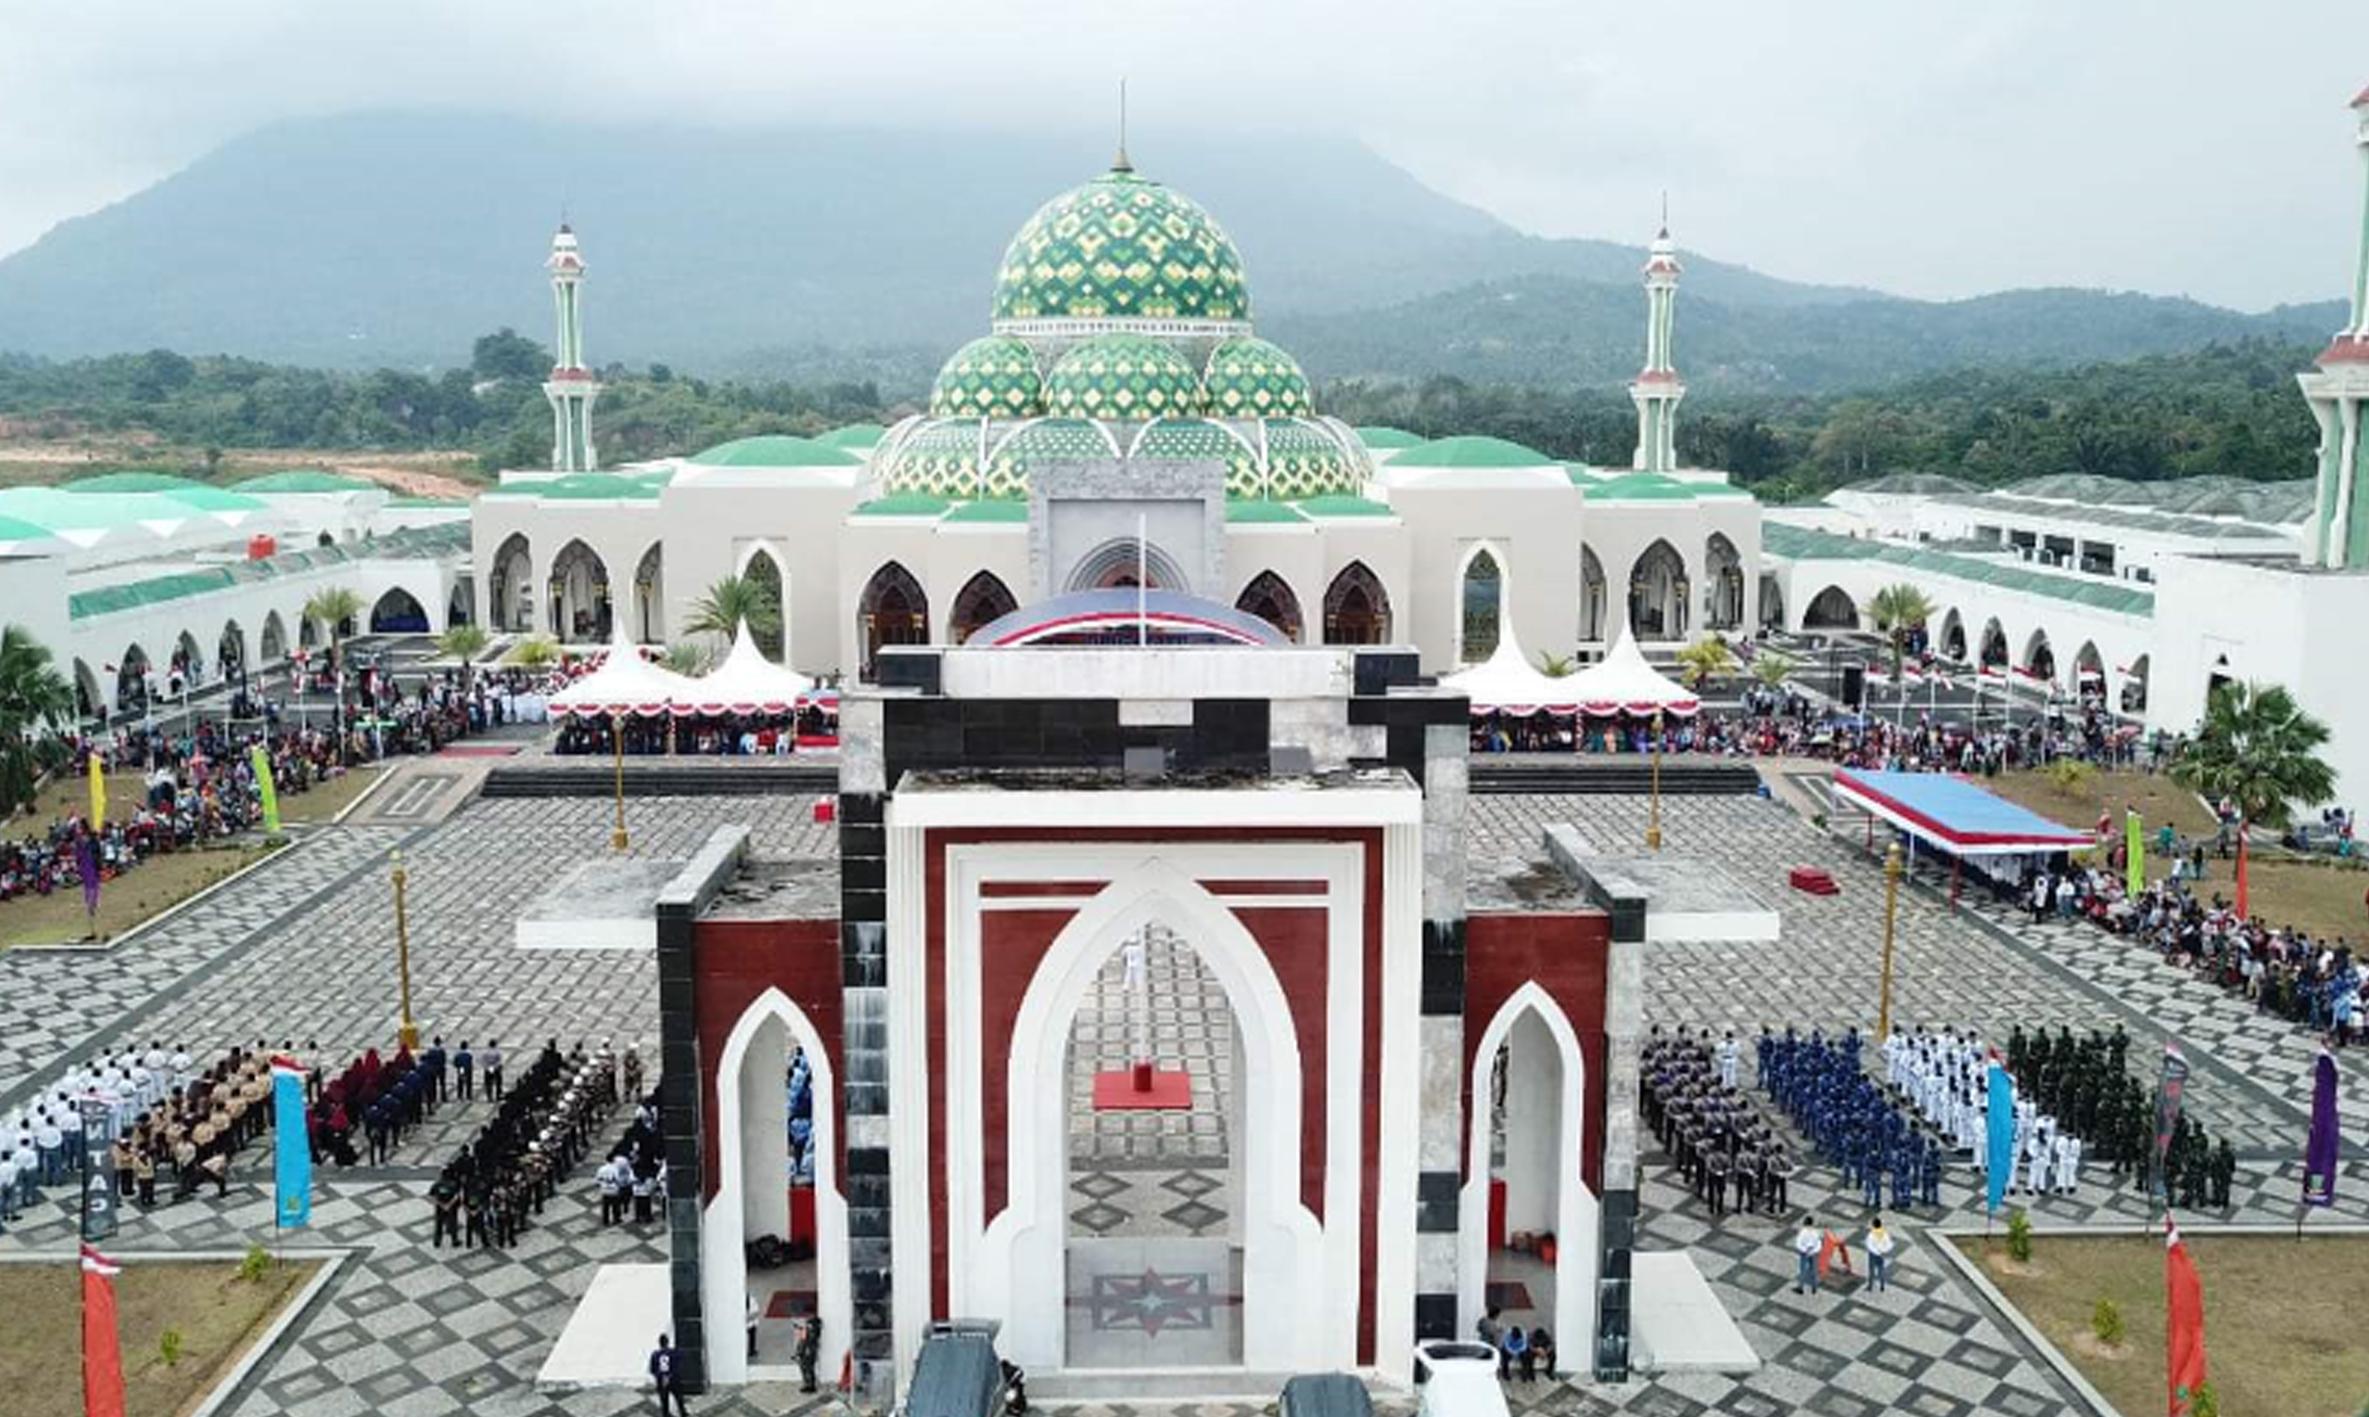 Tampak Luar Halaman Masjid Agung NatunaFoto: keprinews.co.id